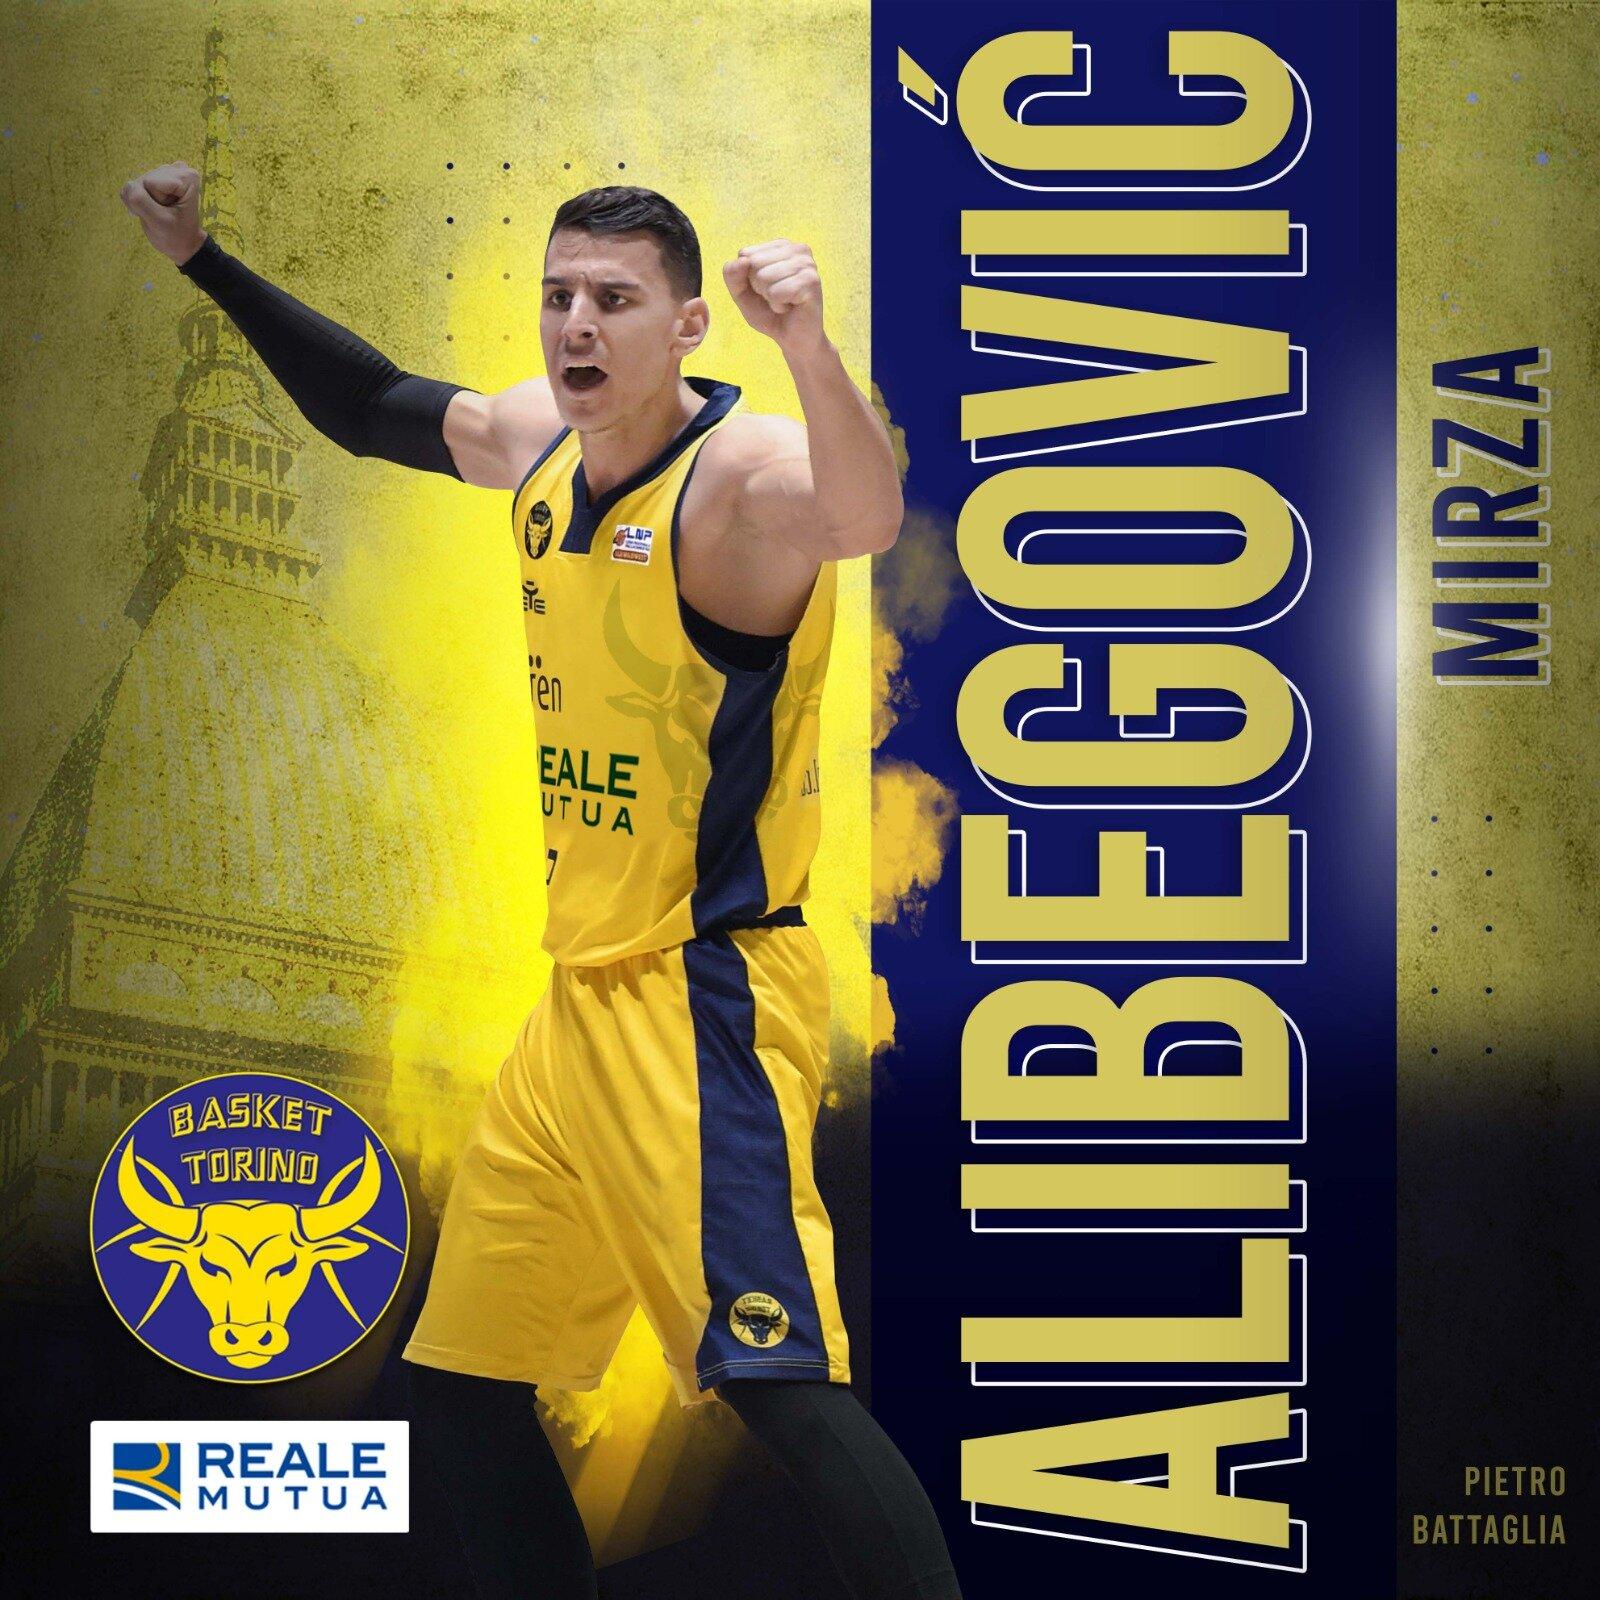 Reale Mutua Basket Torino, rinnovo pluriennale per Mirza Alibegovic